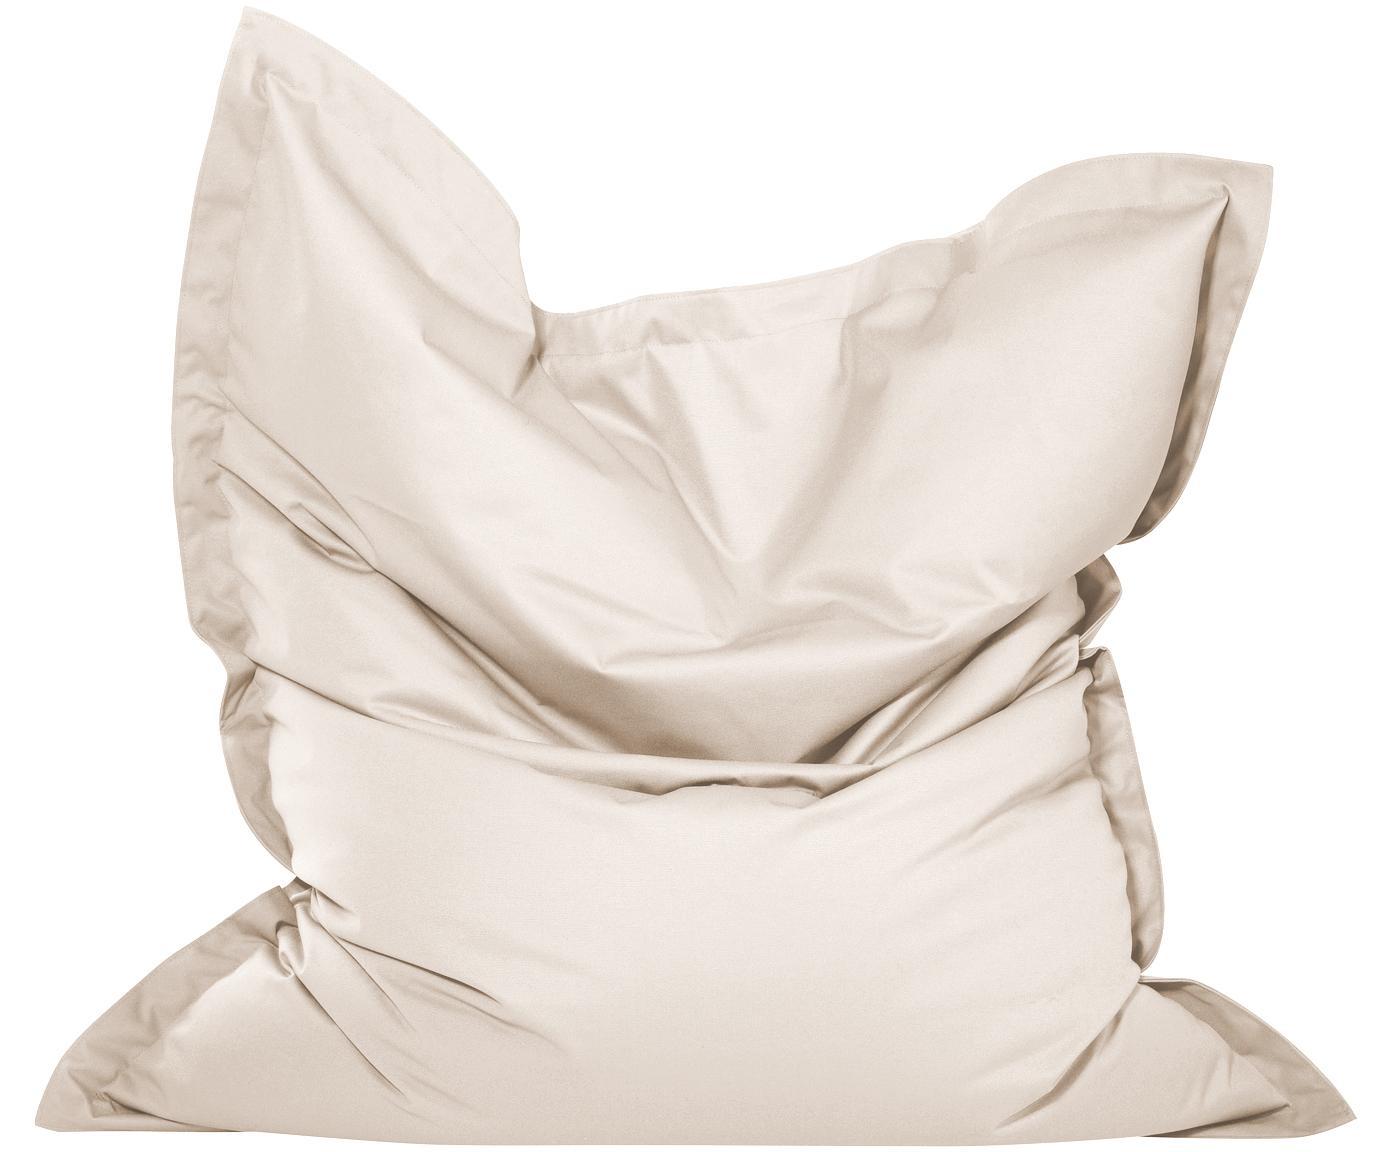 Zewnętrzna poduszka do siedzenia Meadow, Tapicerka: 75% bawełna, 25% polieste, Kremowy, S 130 x W 160 cm